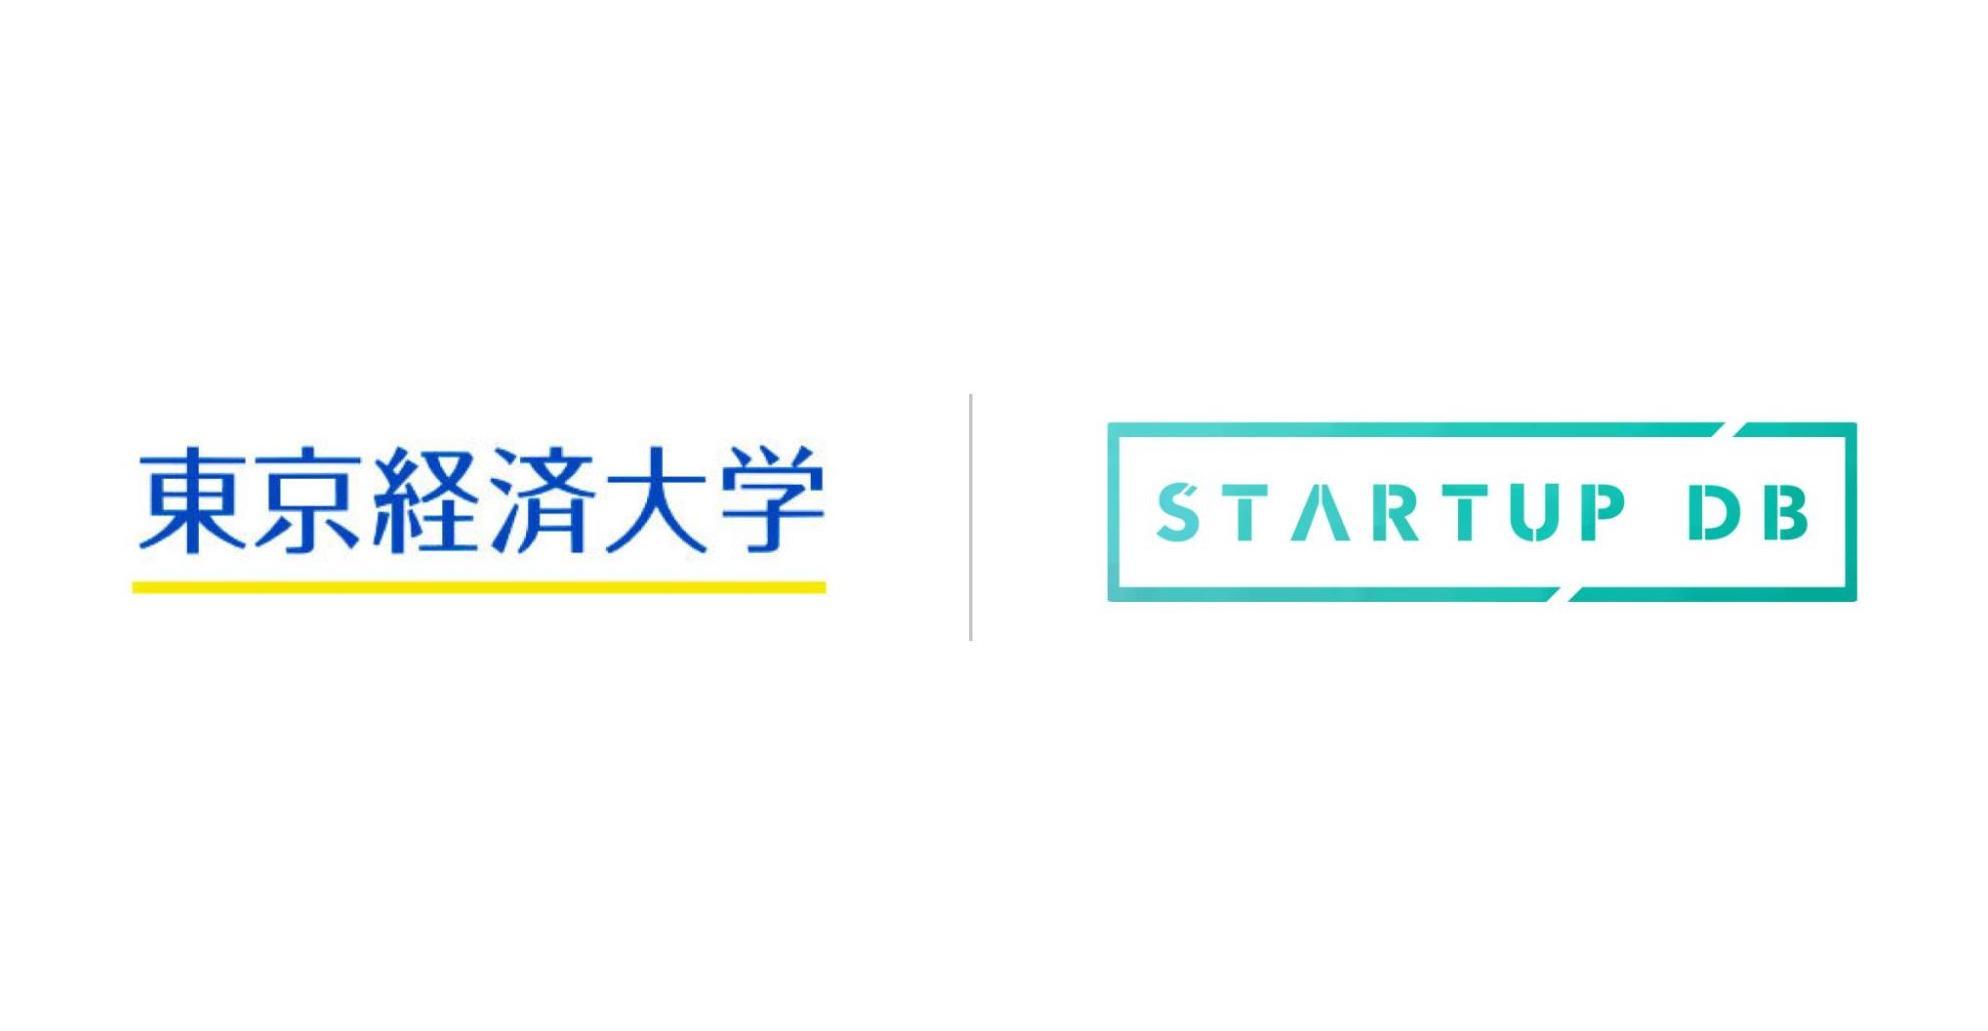 フォースタートアップス、東京経済大学と共同研究開始。 「クラウドファンデイングでの資金調達動向分析」にSTARTUP DBを活用